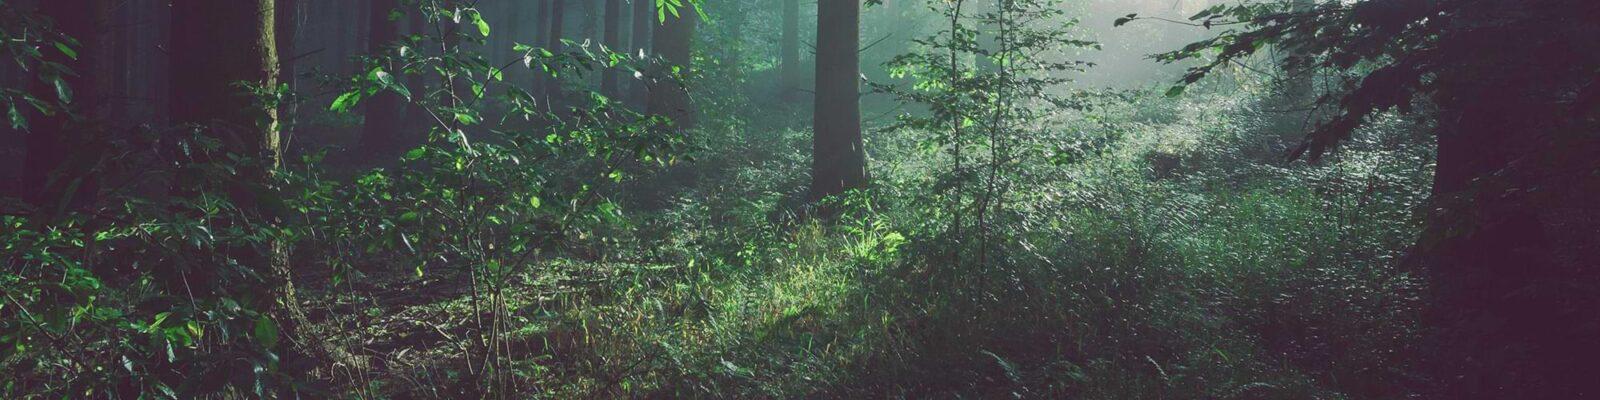 Nutfield Green Park header image